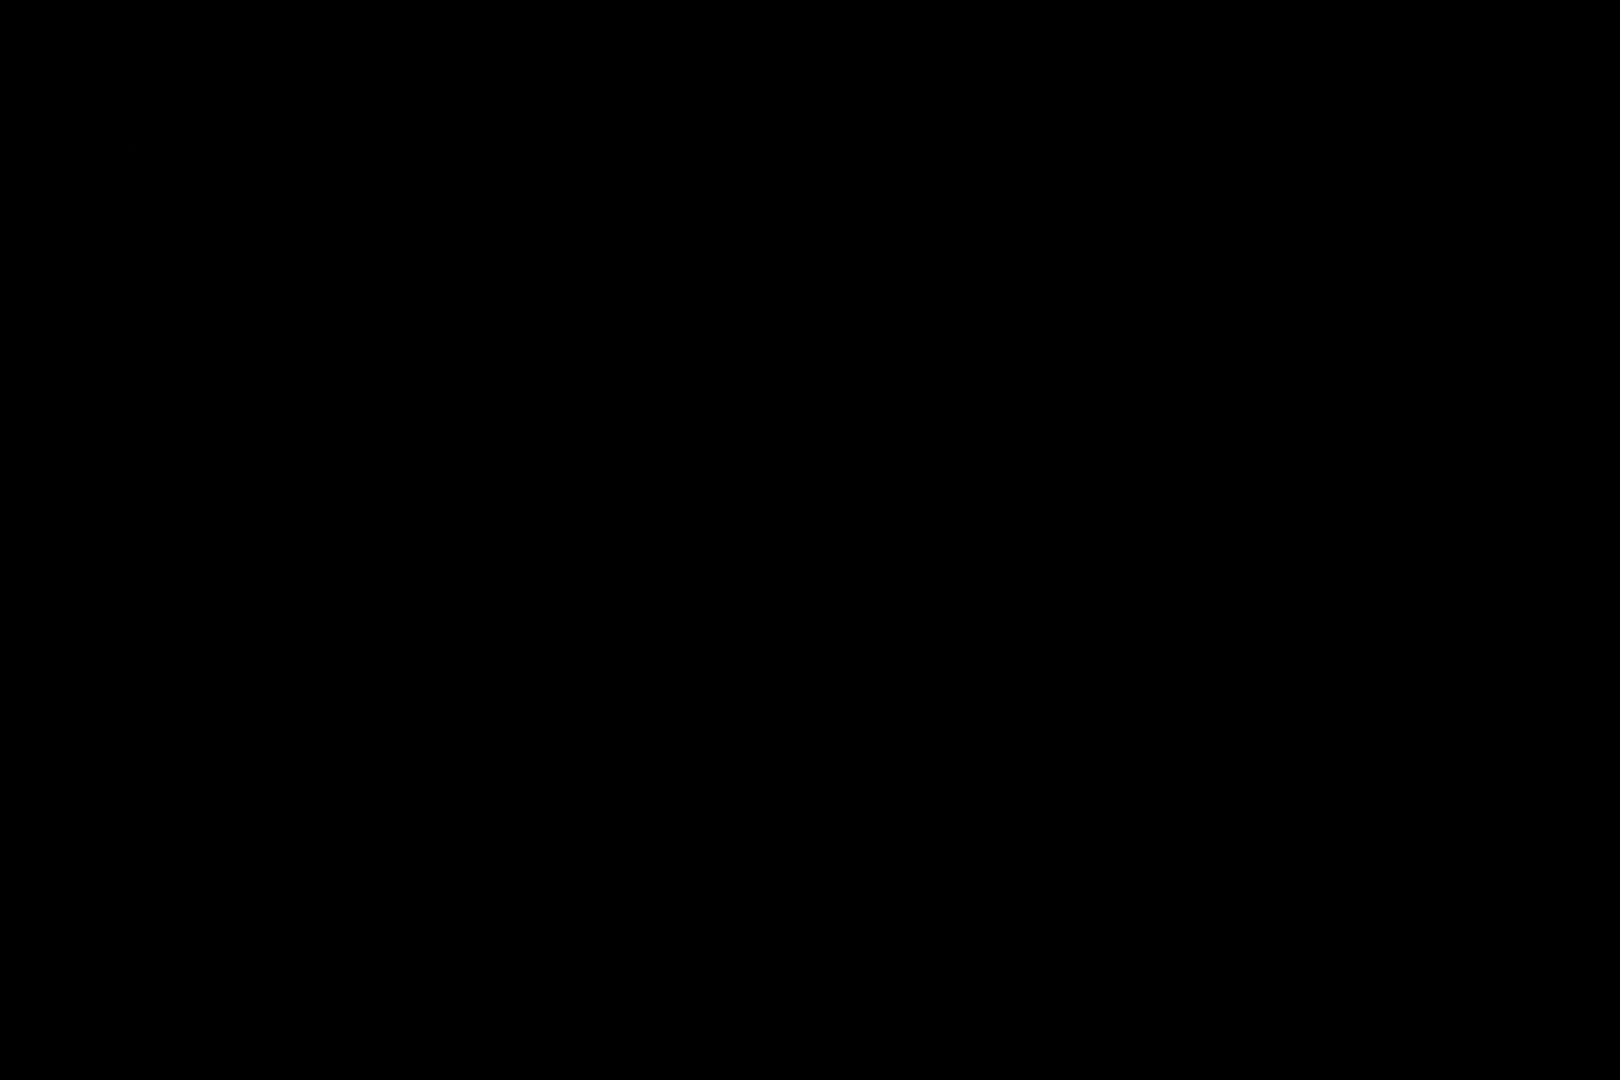 関西発!タツヤのDV直撮り大追跡!!! Vol.05 いやらしいOL すけべAV動画紹介 96連発 53